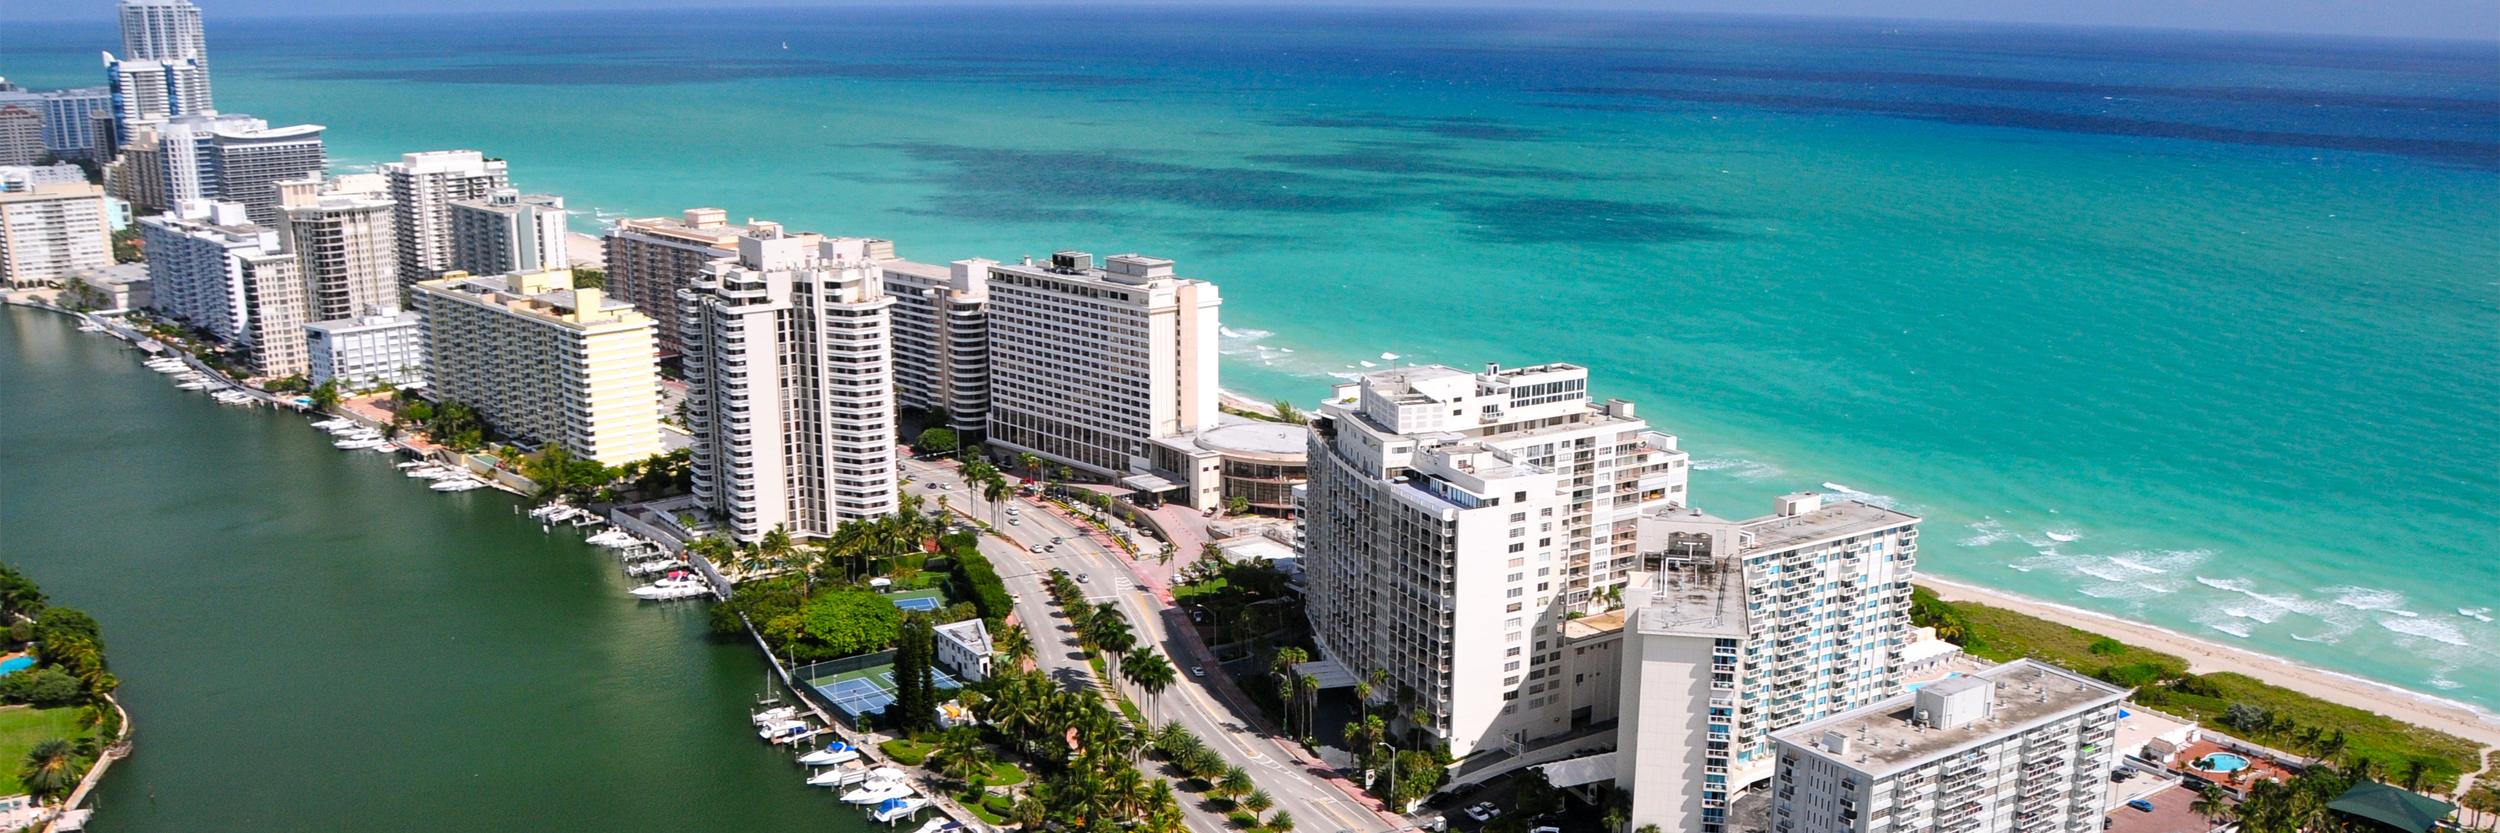 $99 per night at Beachcomber Hotel & Villas